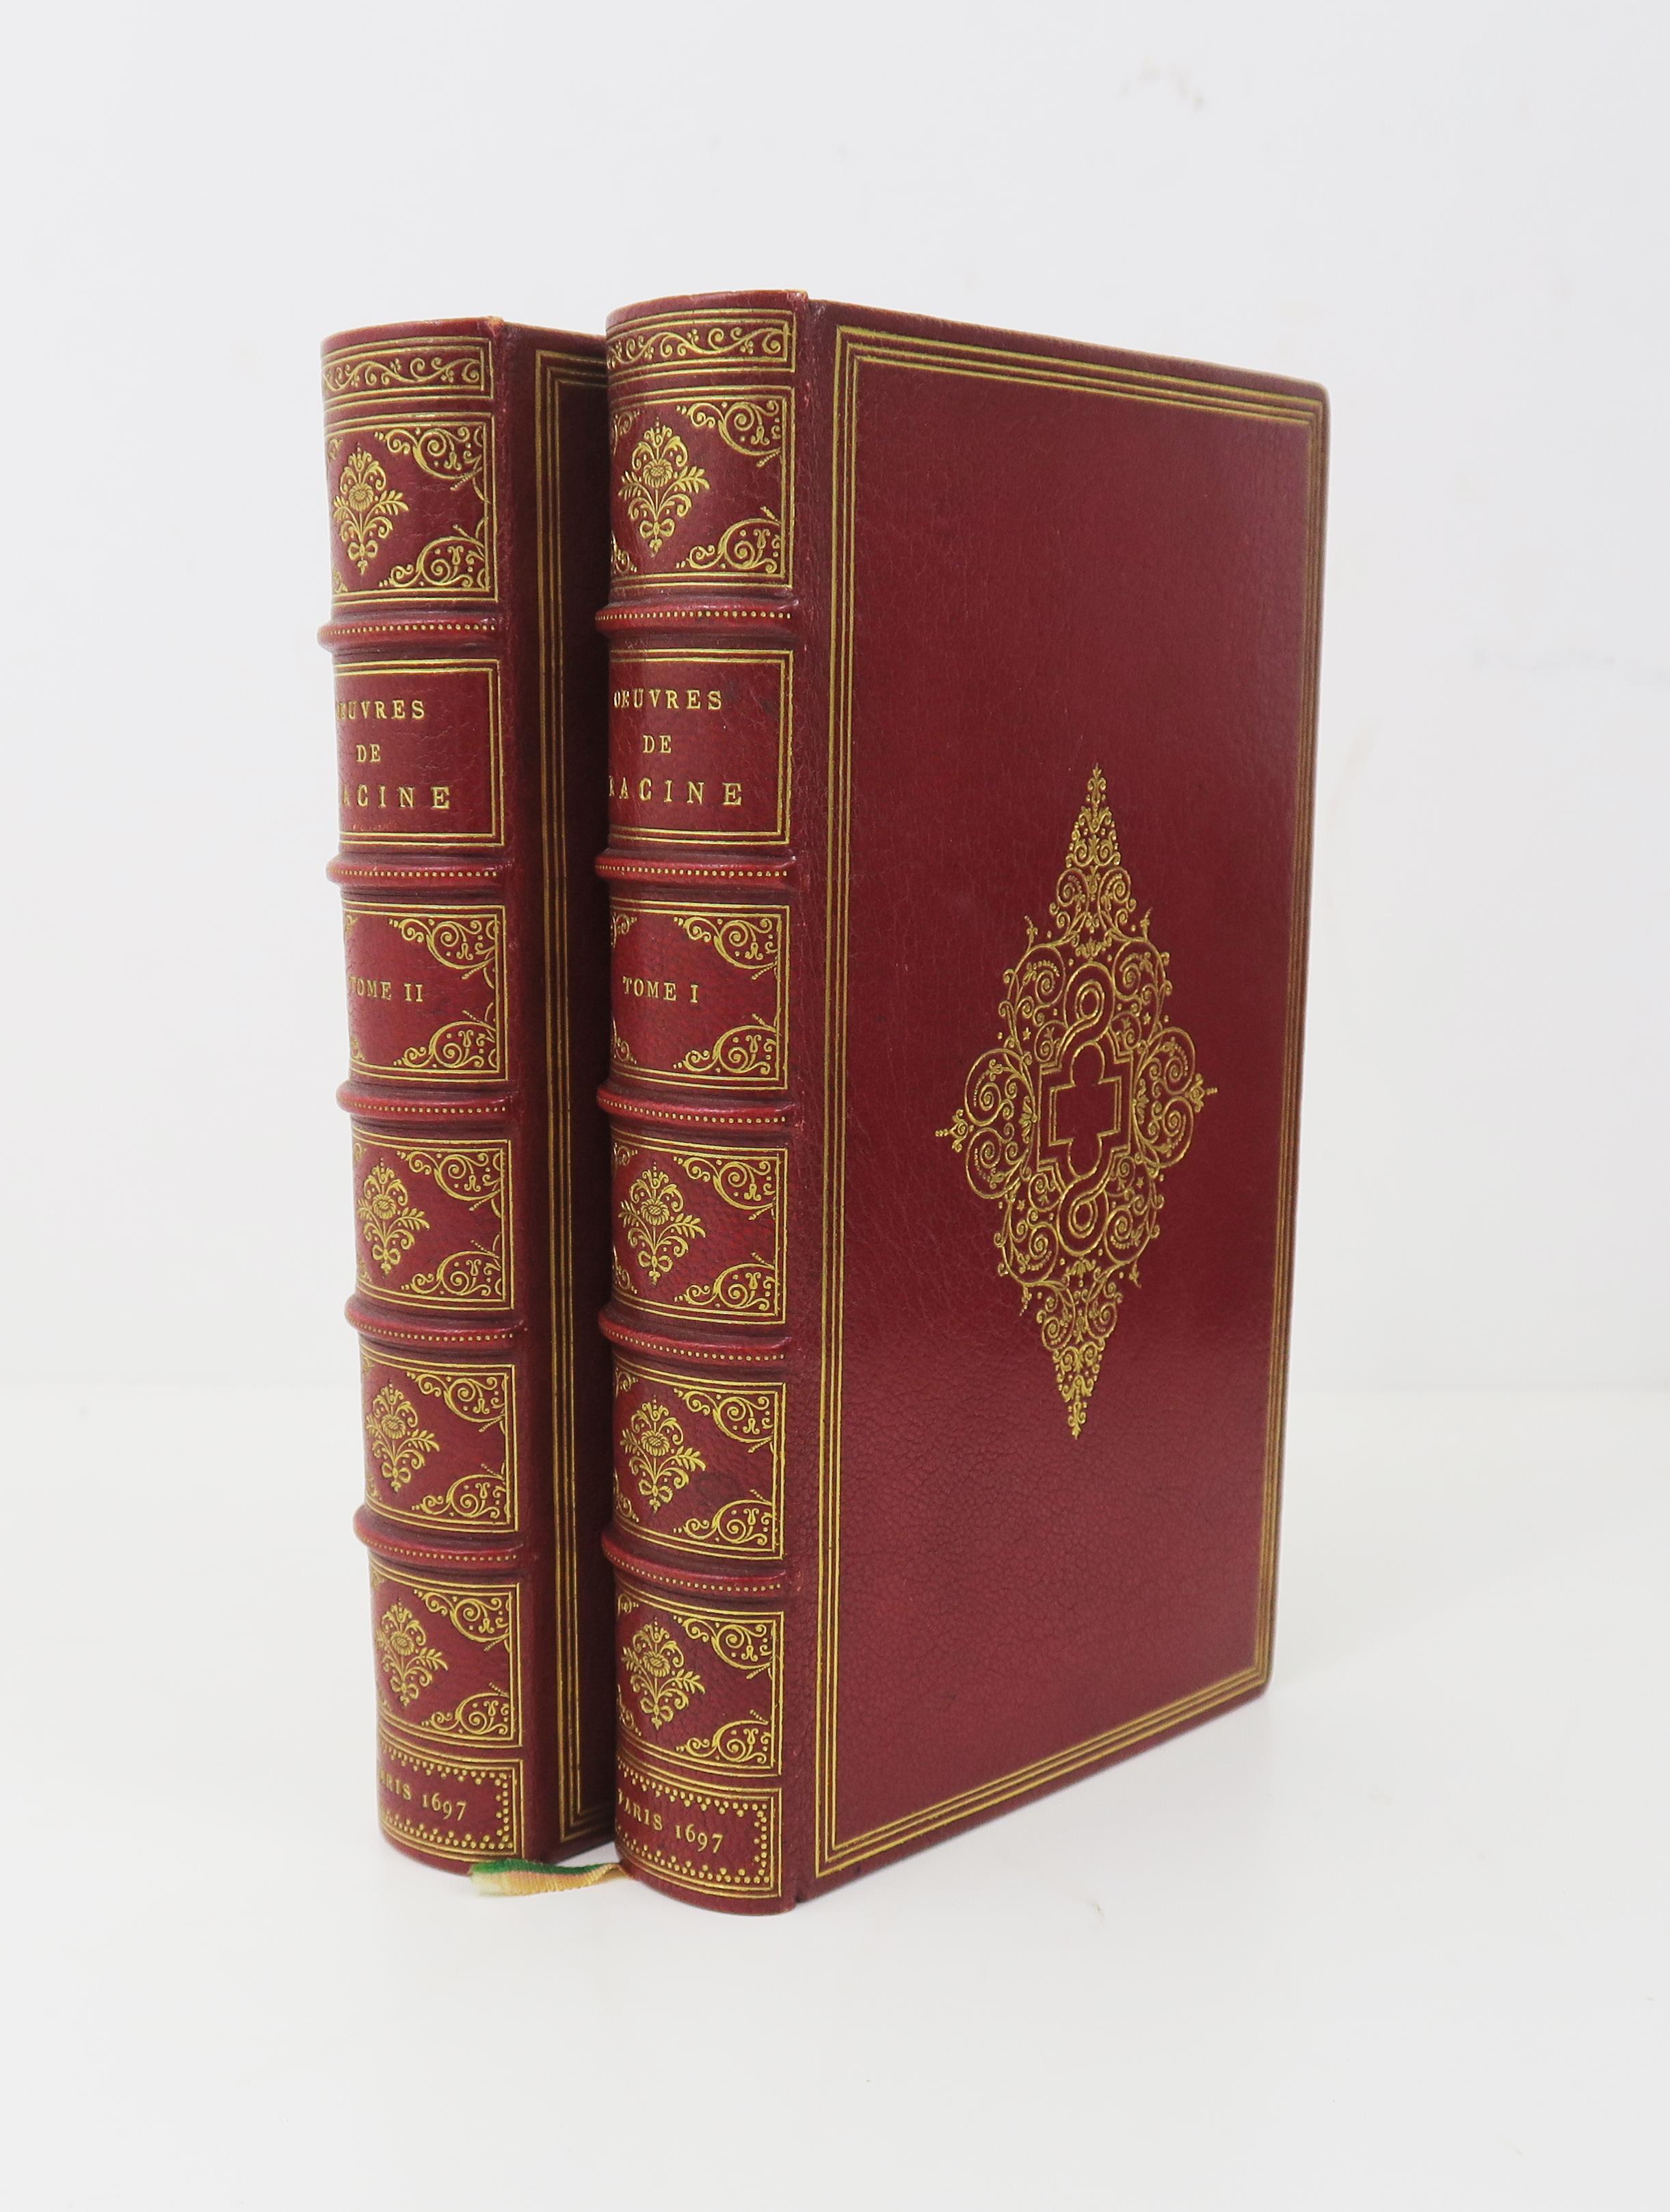 Vente Bibliophilia Online chez Millon et Associés Paris : 395 lots